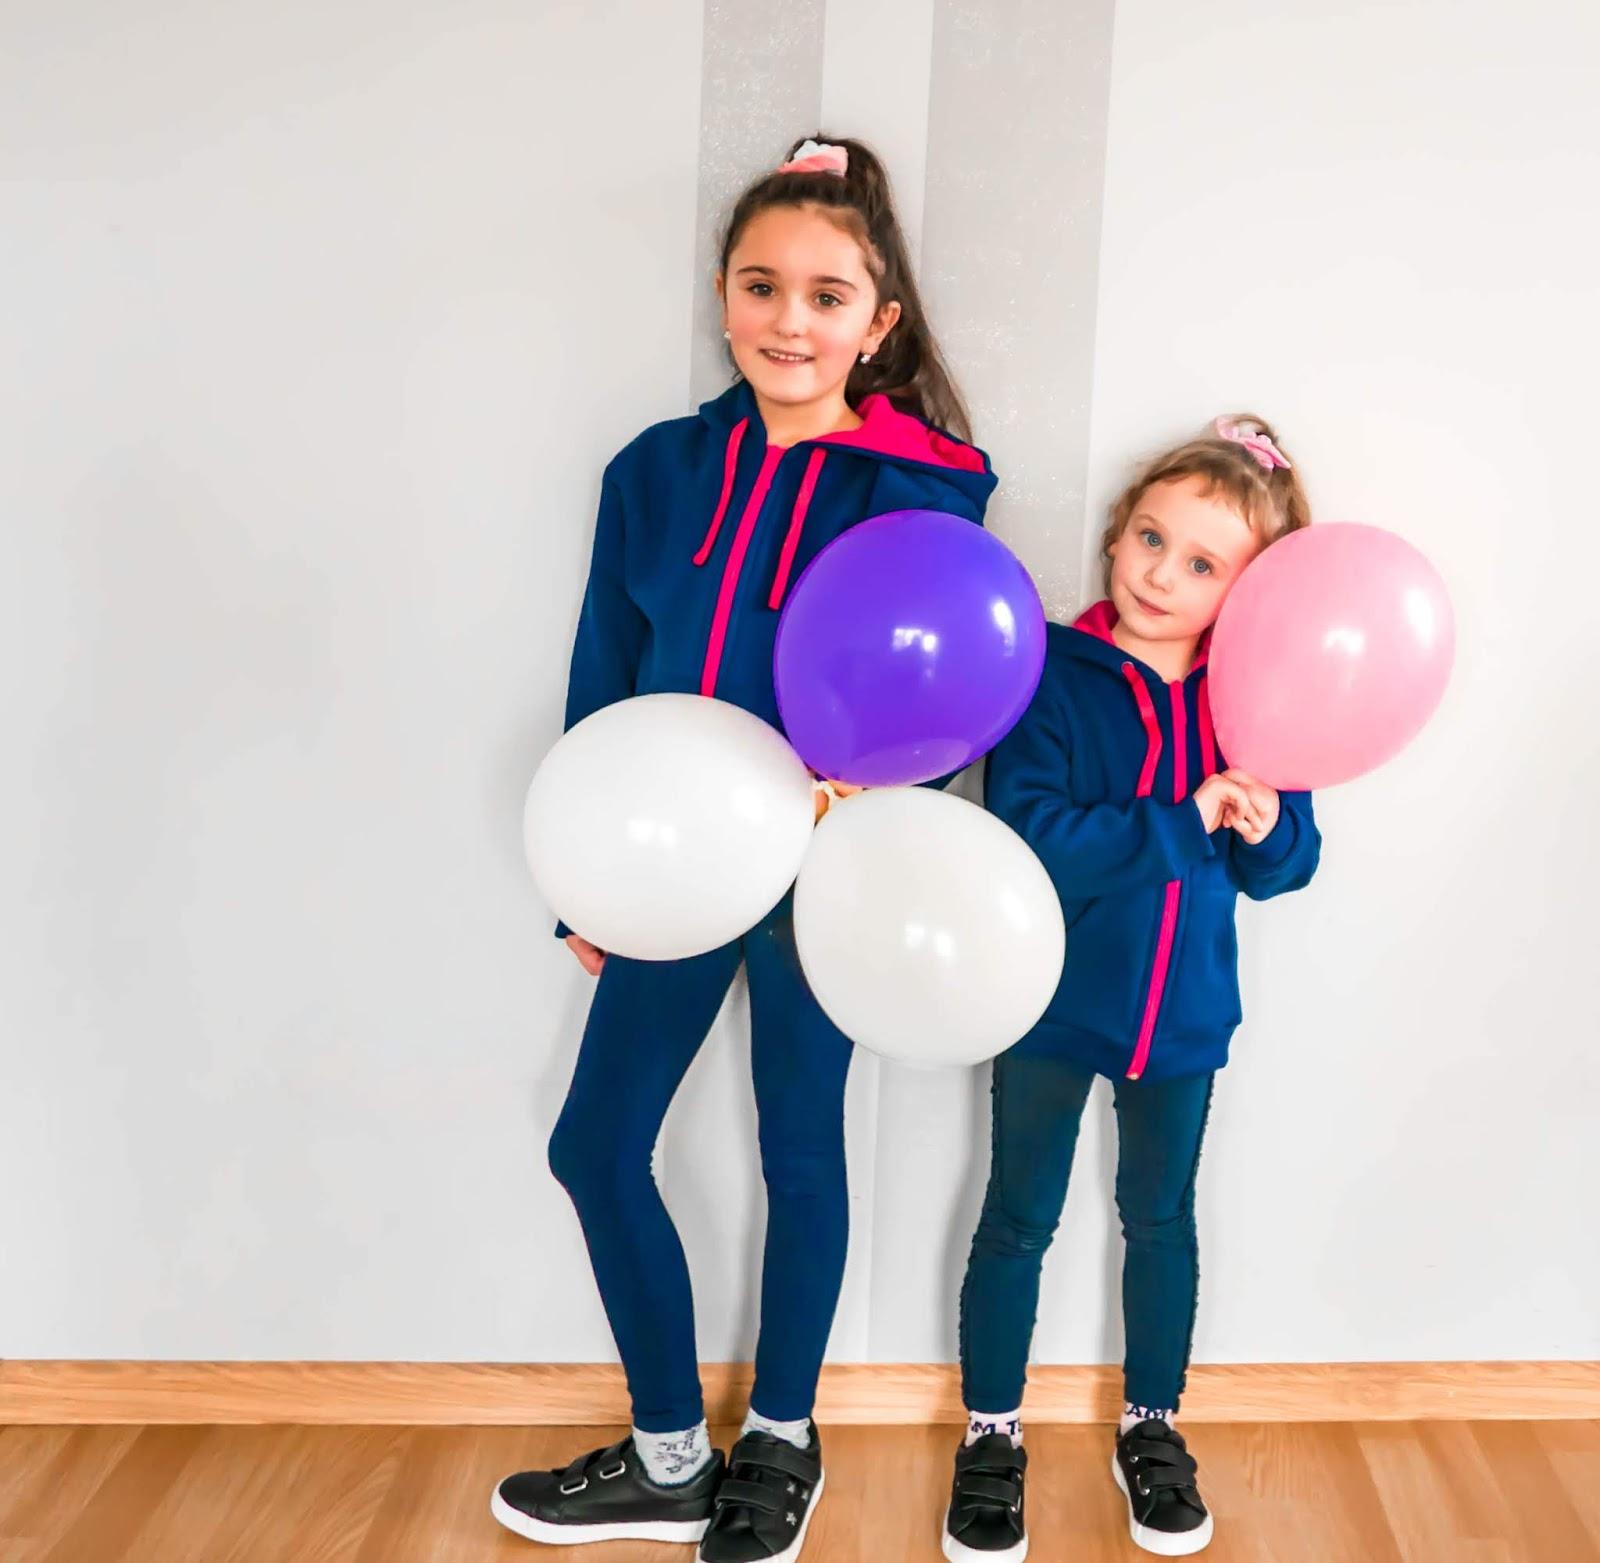 ubrania dla dzieci, które nie krępują ruchów